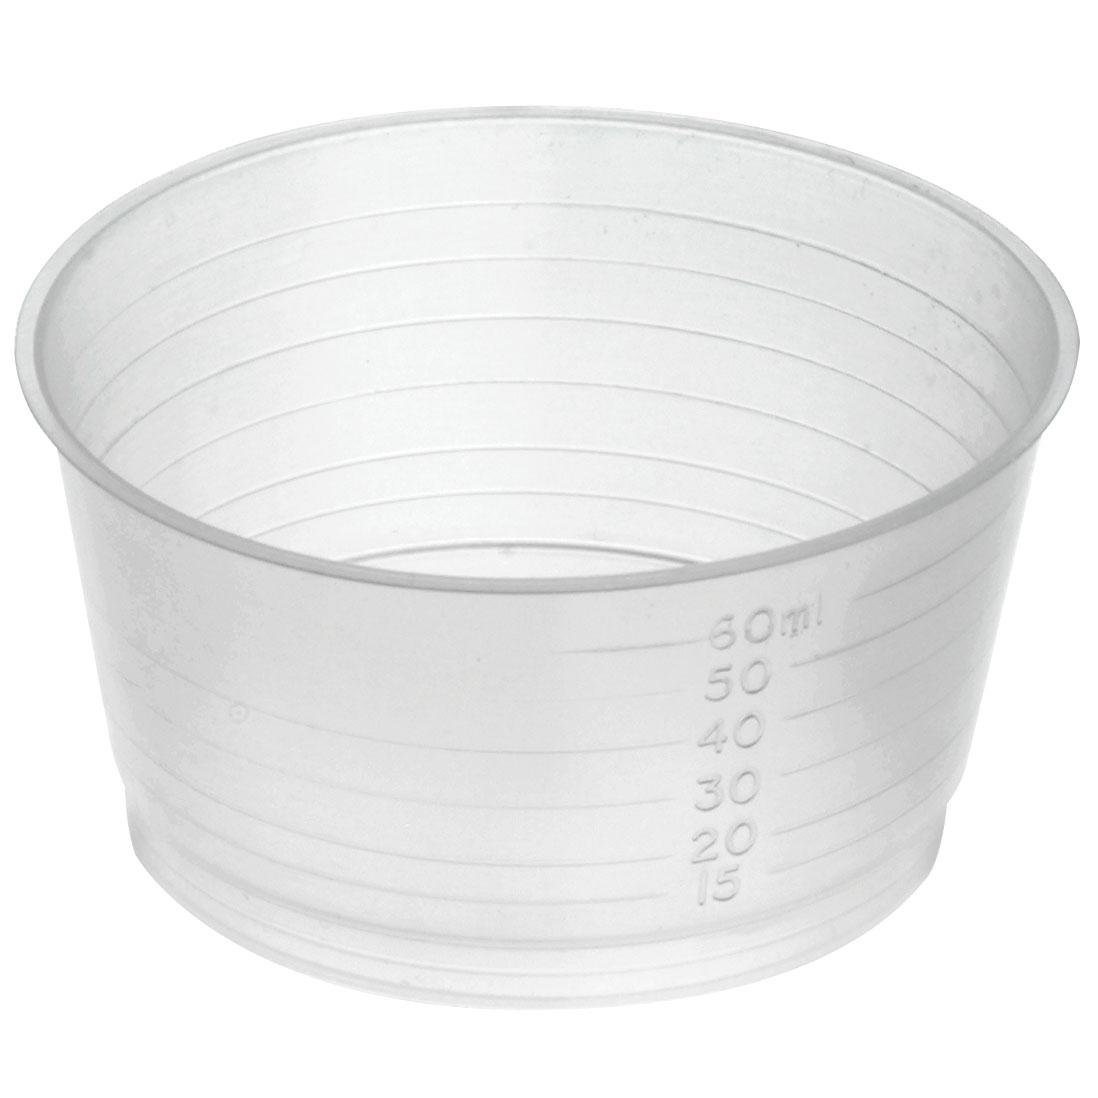 Gallipots 60 ml Sterile